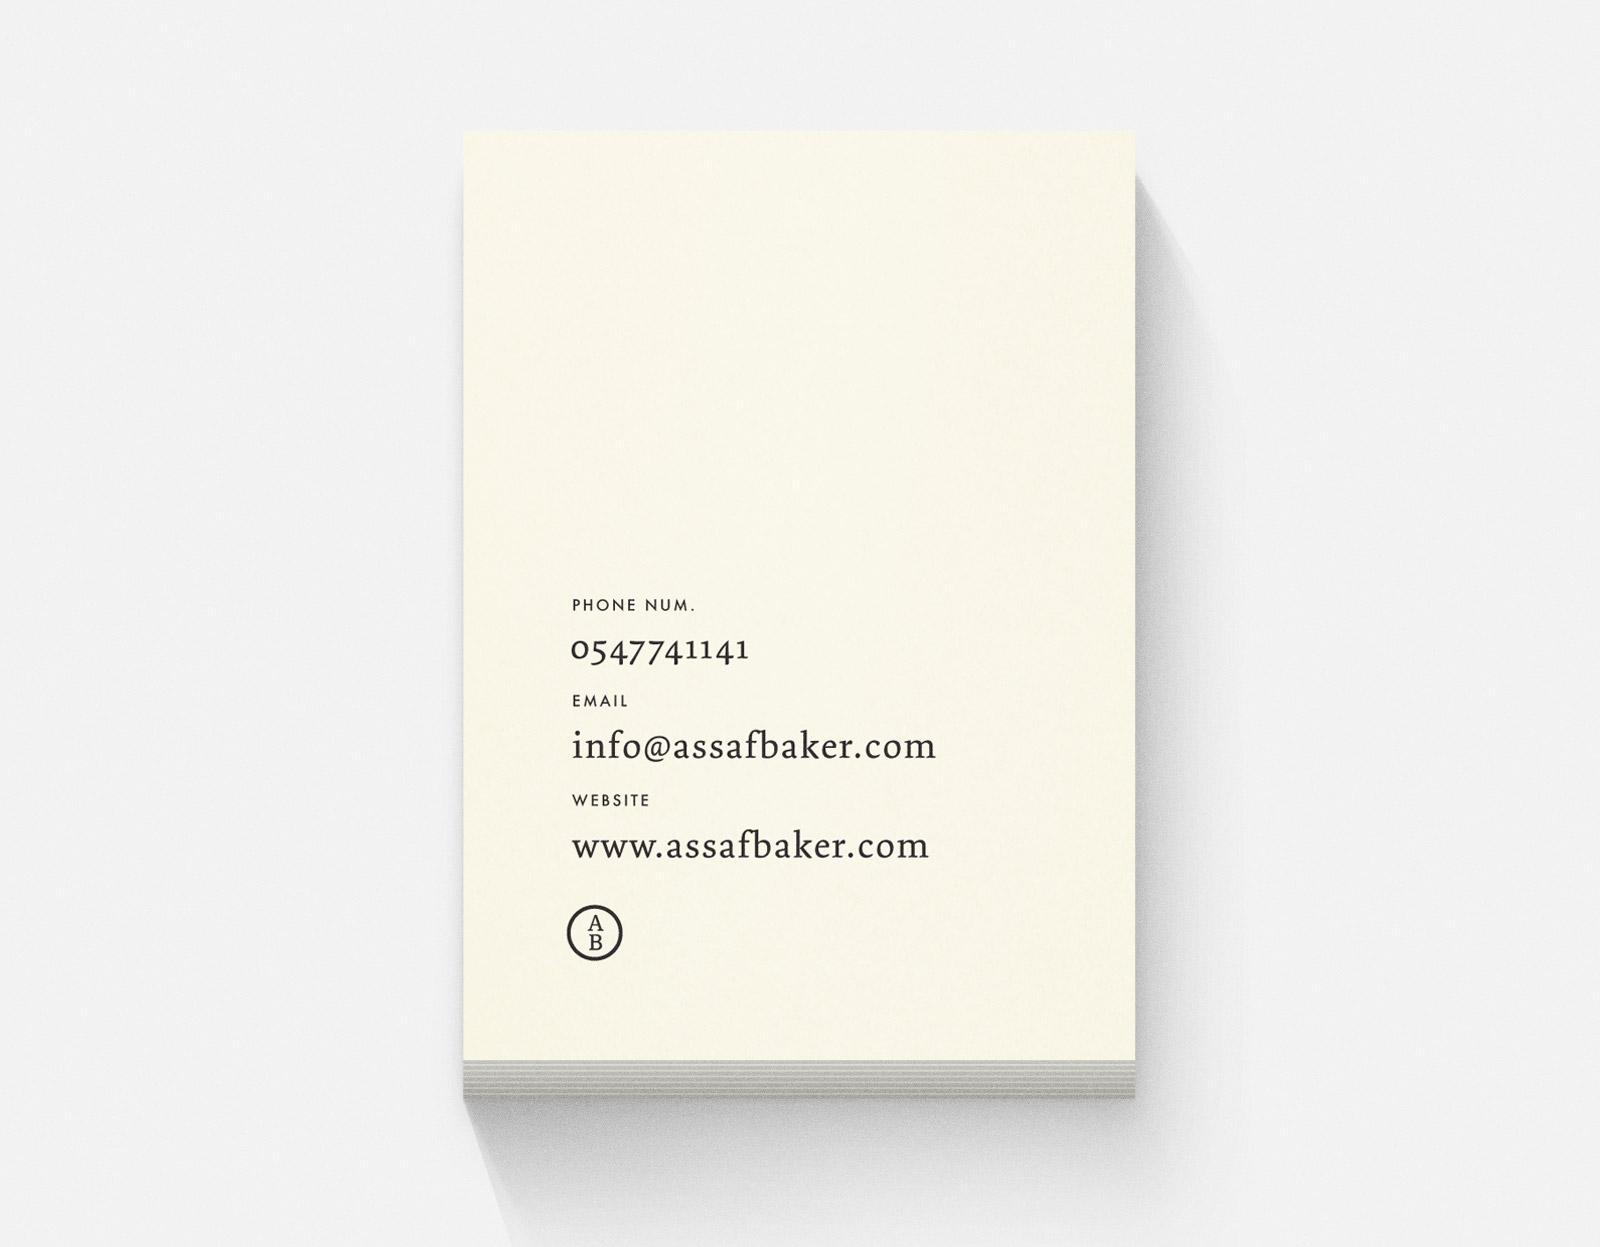 Assaf Baker Business card text side